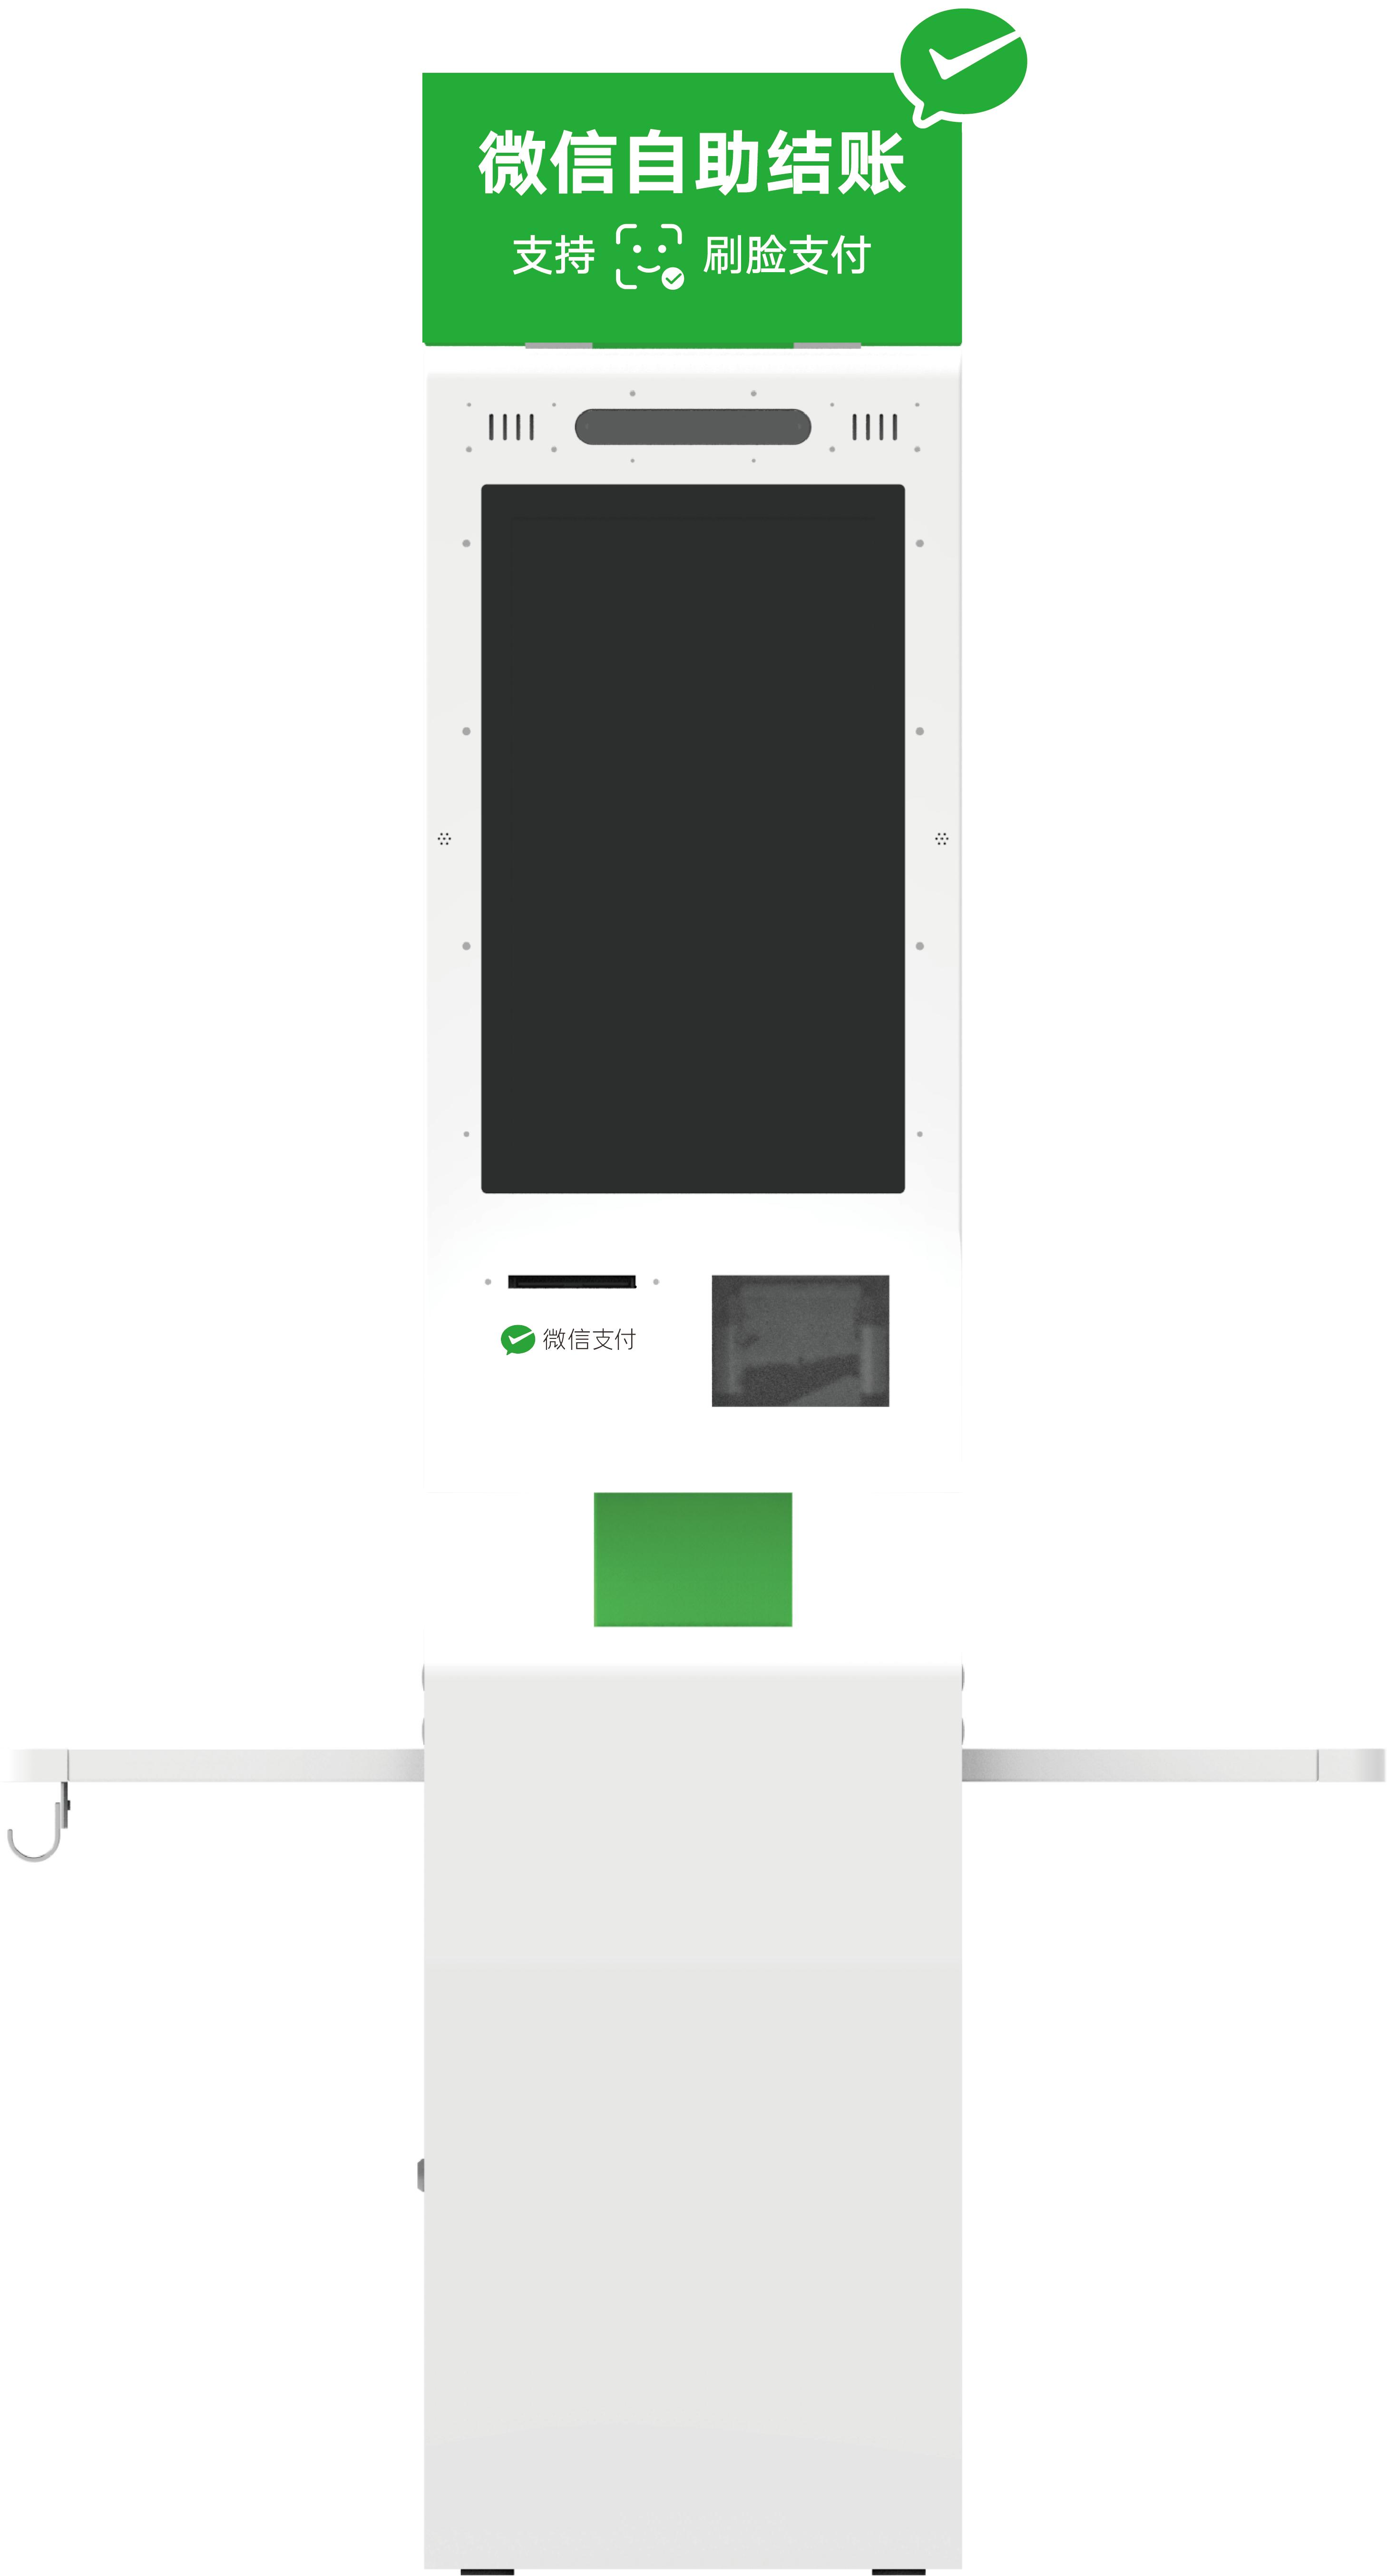 微信刷脸支付-银豹博客